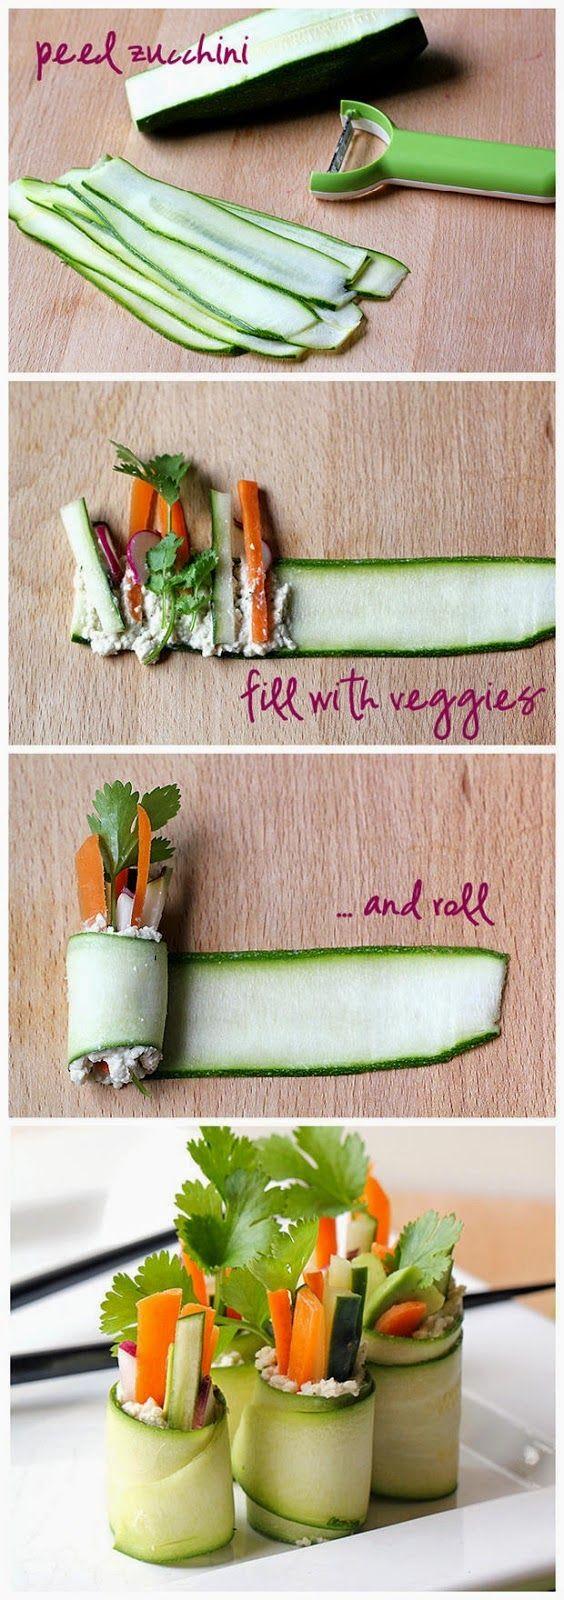 Les rouleaux de courgette accompagnée de petits légumes , un hors-d'œuvre parfait pour une belle journée chaude. Une entrée à la fois jolie et rapide à préparer. Rafraîchissante et désaltérante. Quelques légumes vous suffisent et un peu de noix de ca